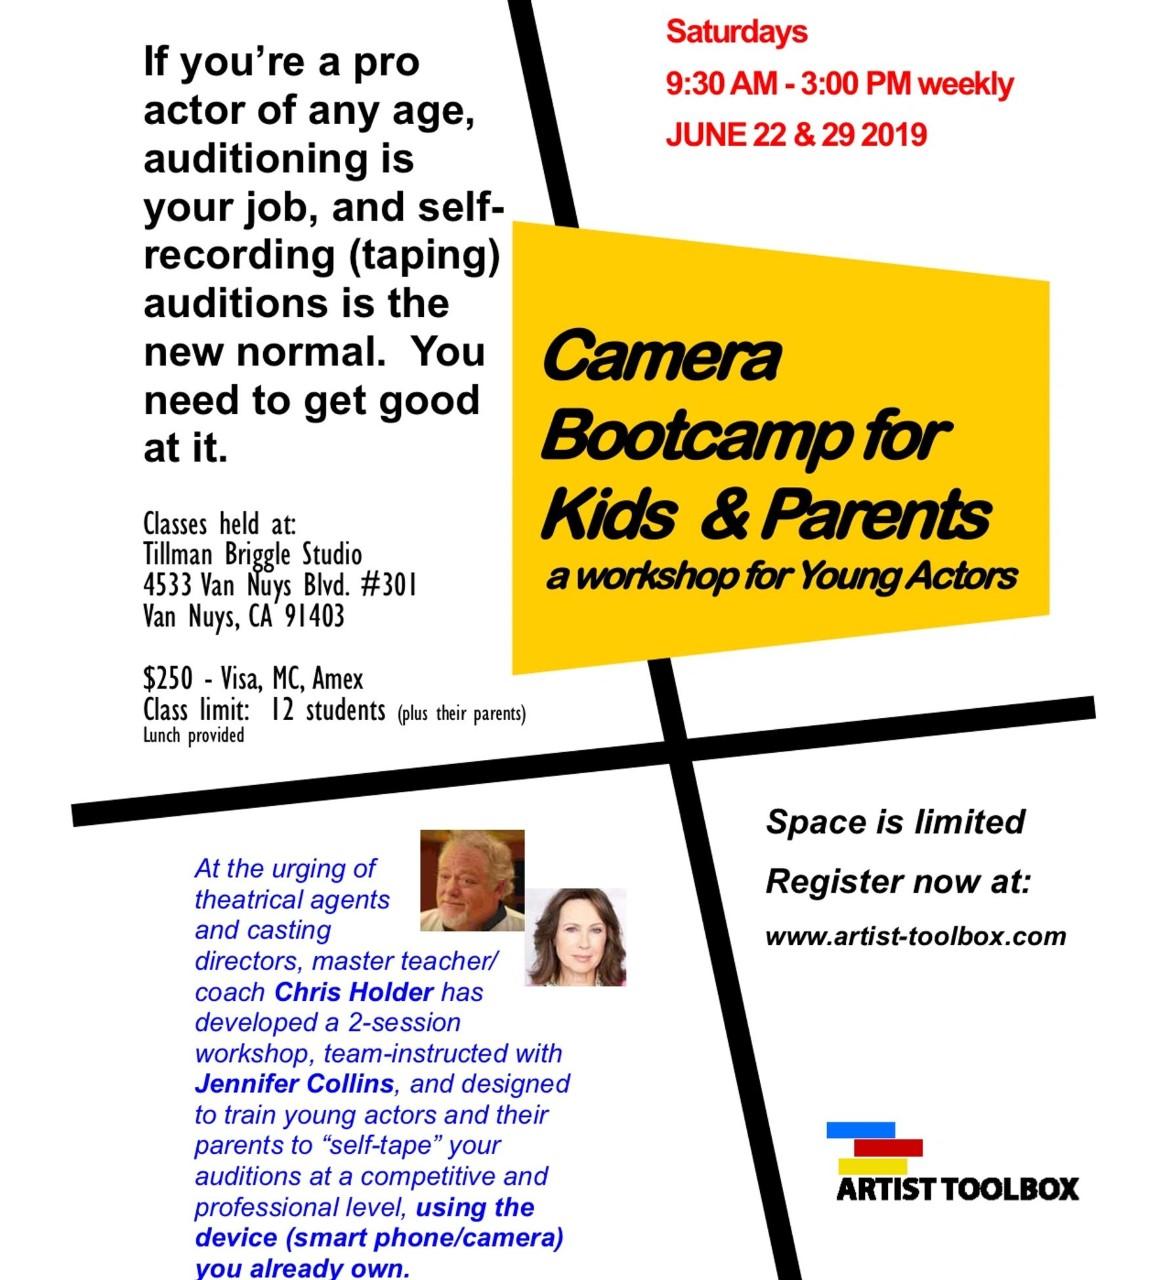 Jennifer Collins Camera Bootcamp for kids & parents